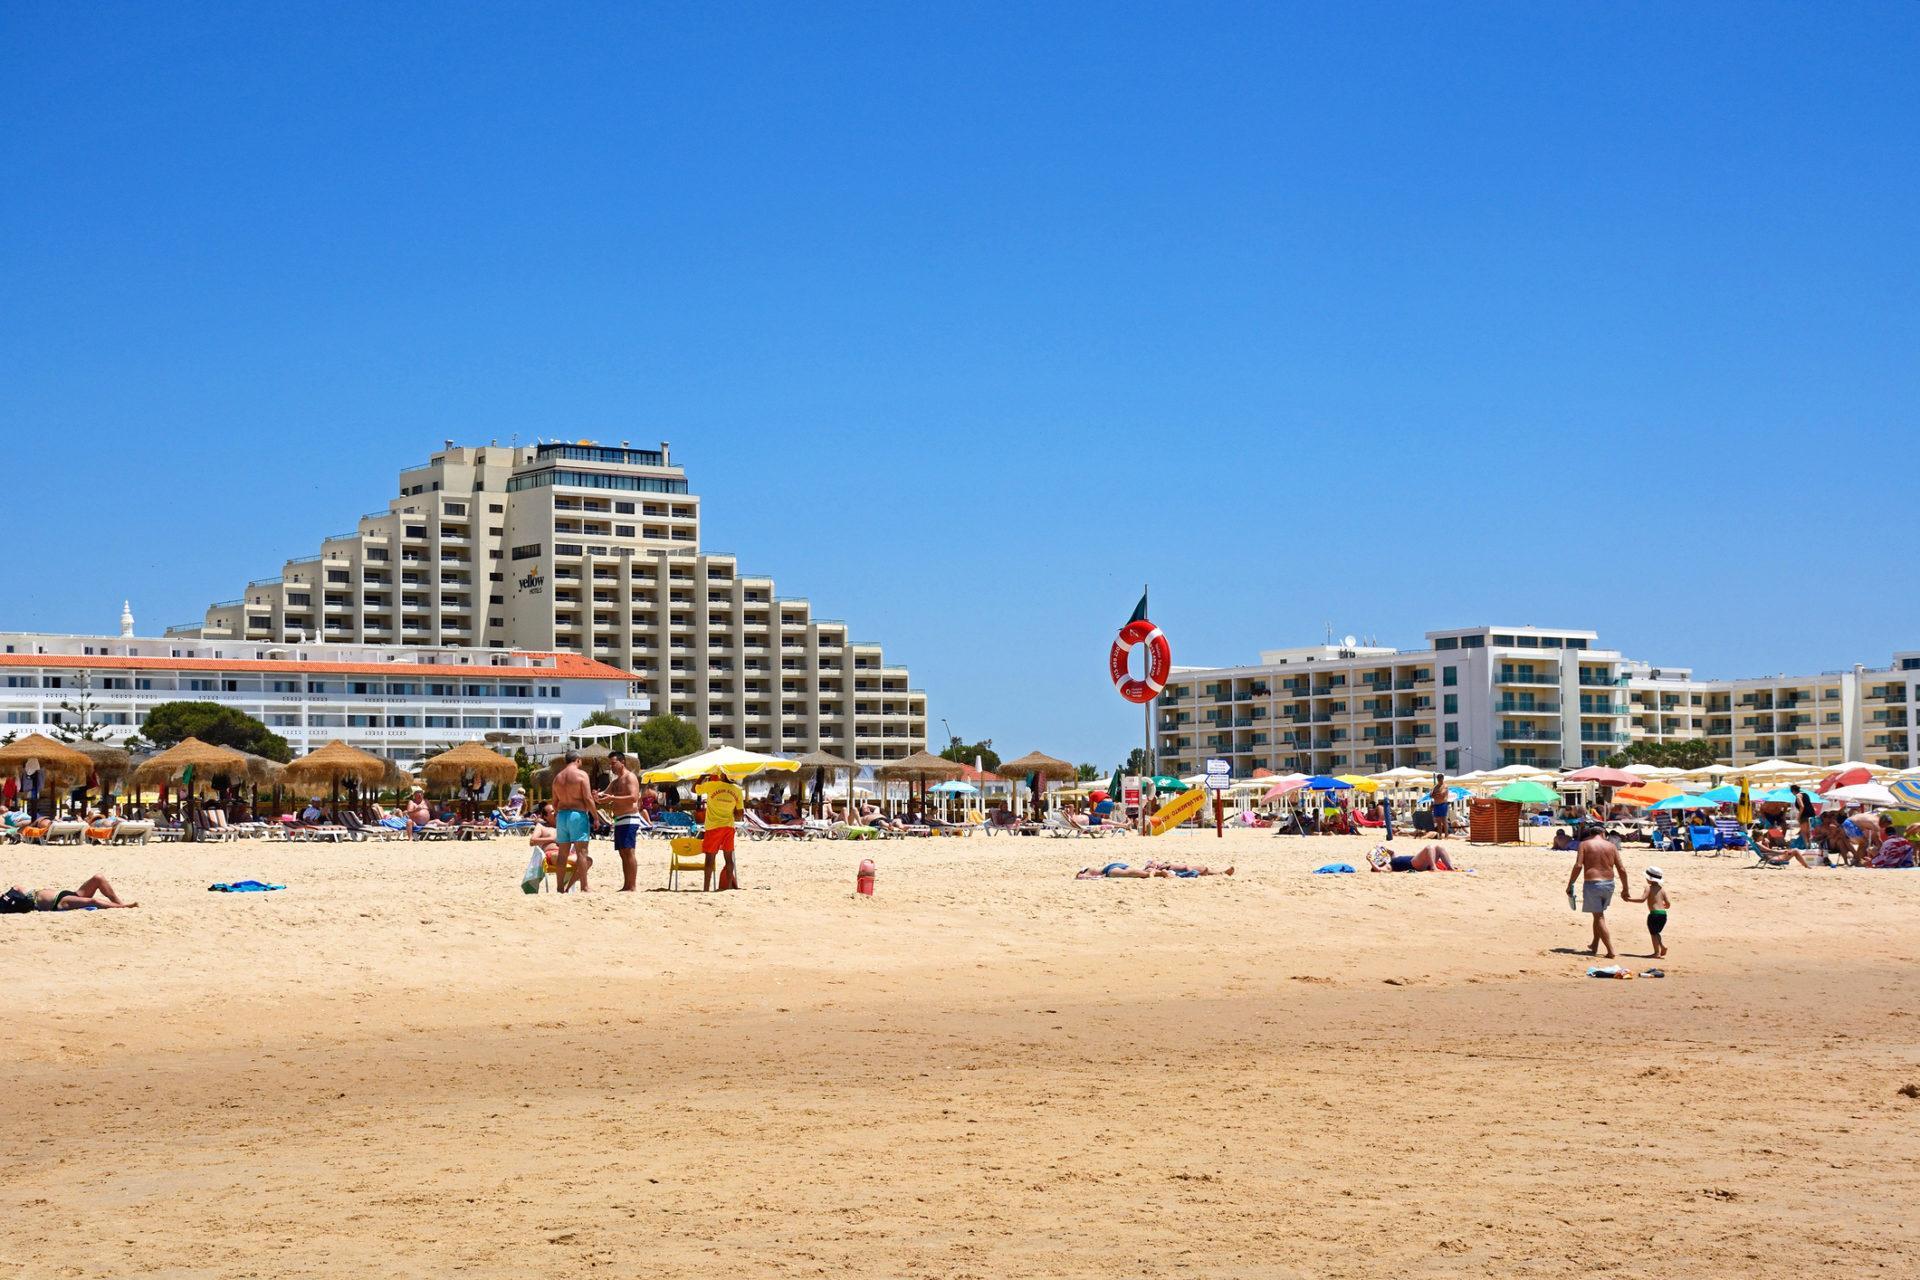 בתי מלון בפורטוגל – כל מה שצריך לדעת